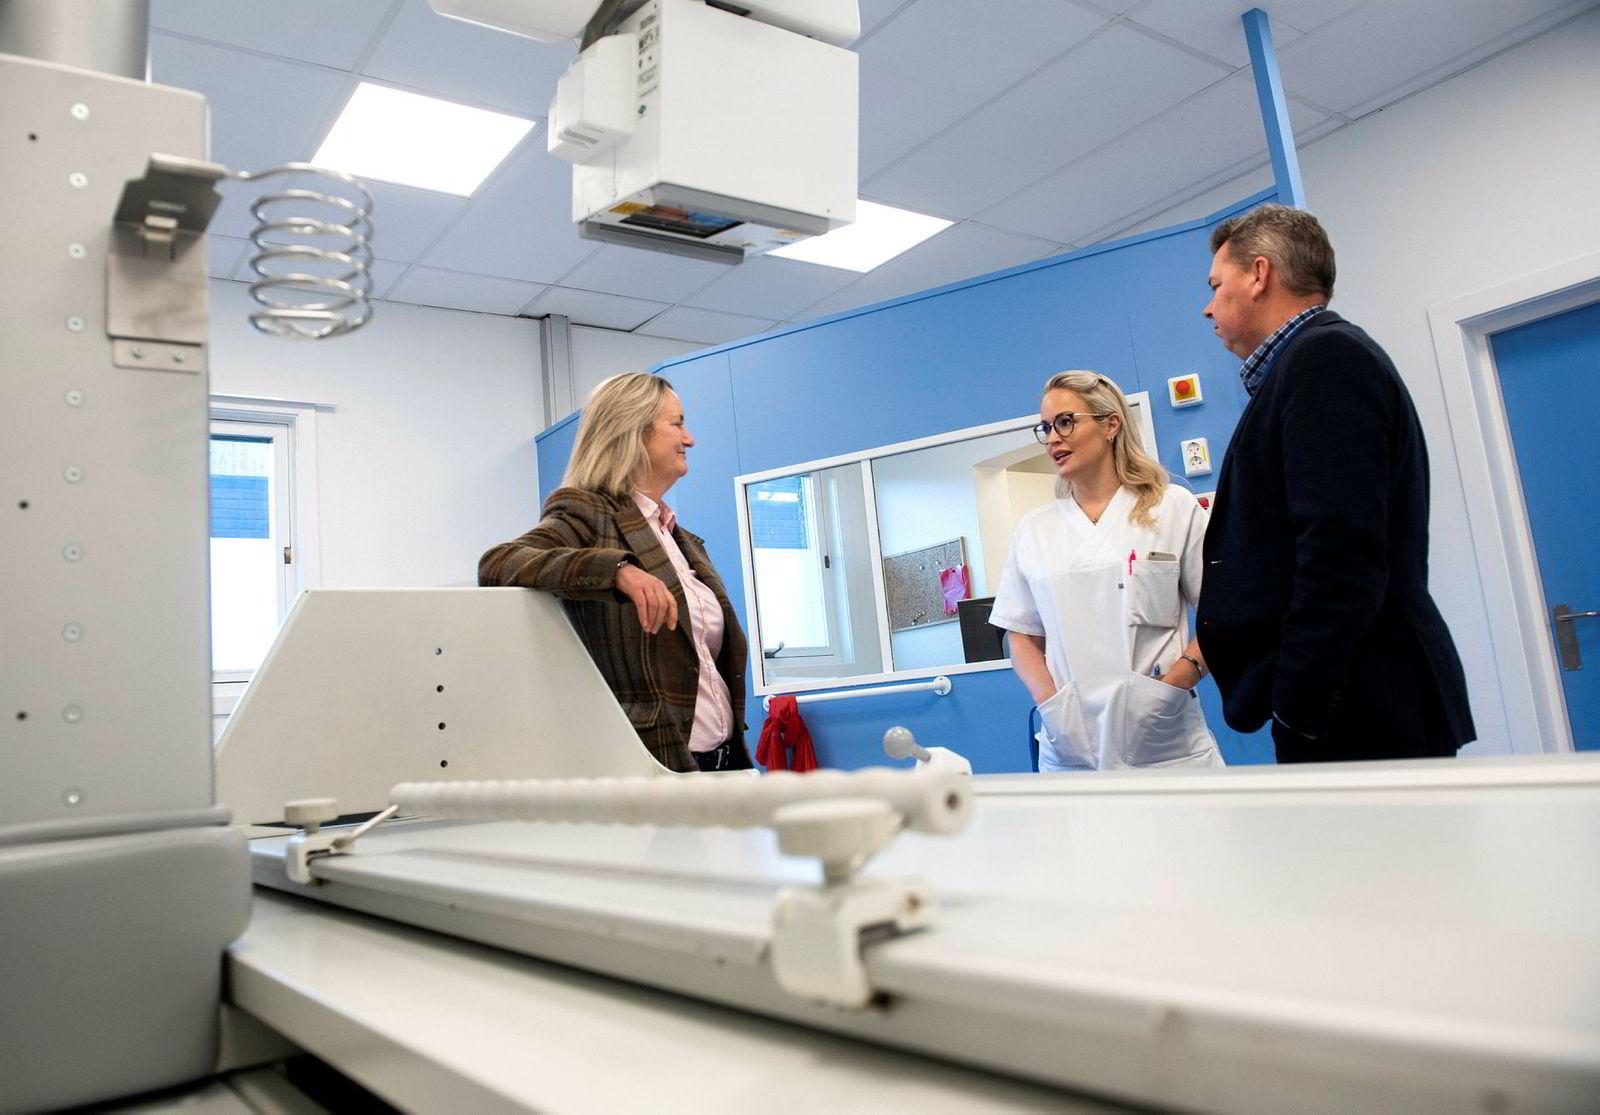 Sykehusdirektør Anders Mohn Frafjord er veldig fornøyd med at Rotary stiller frivillige mentorer for Diakonhjemmets mellomledere, her mentor Siri Røsberg (t.h) og enhetsleder Stine Bøe Gundersen.